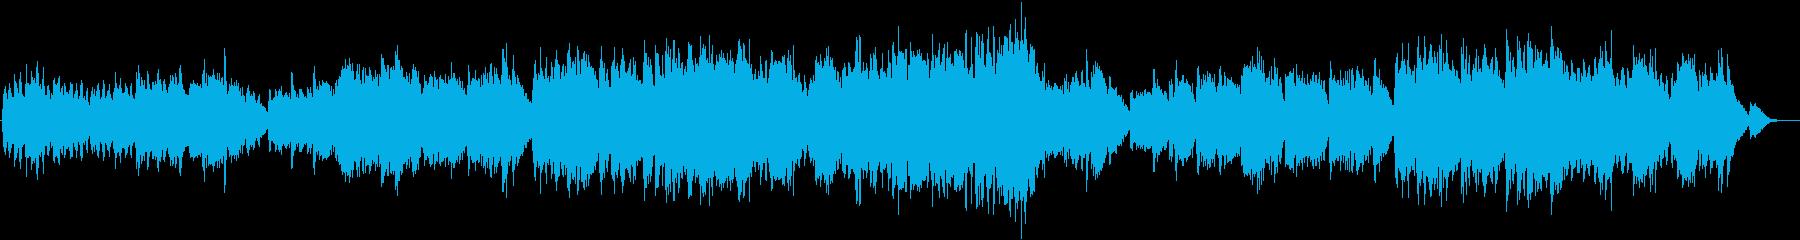 カッチーニのアヴェマリア(オーケストラ)の再生済みの波形